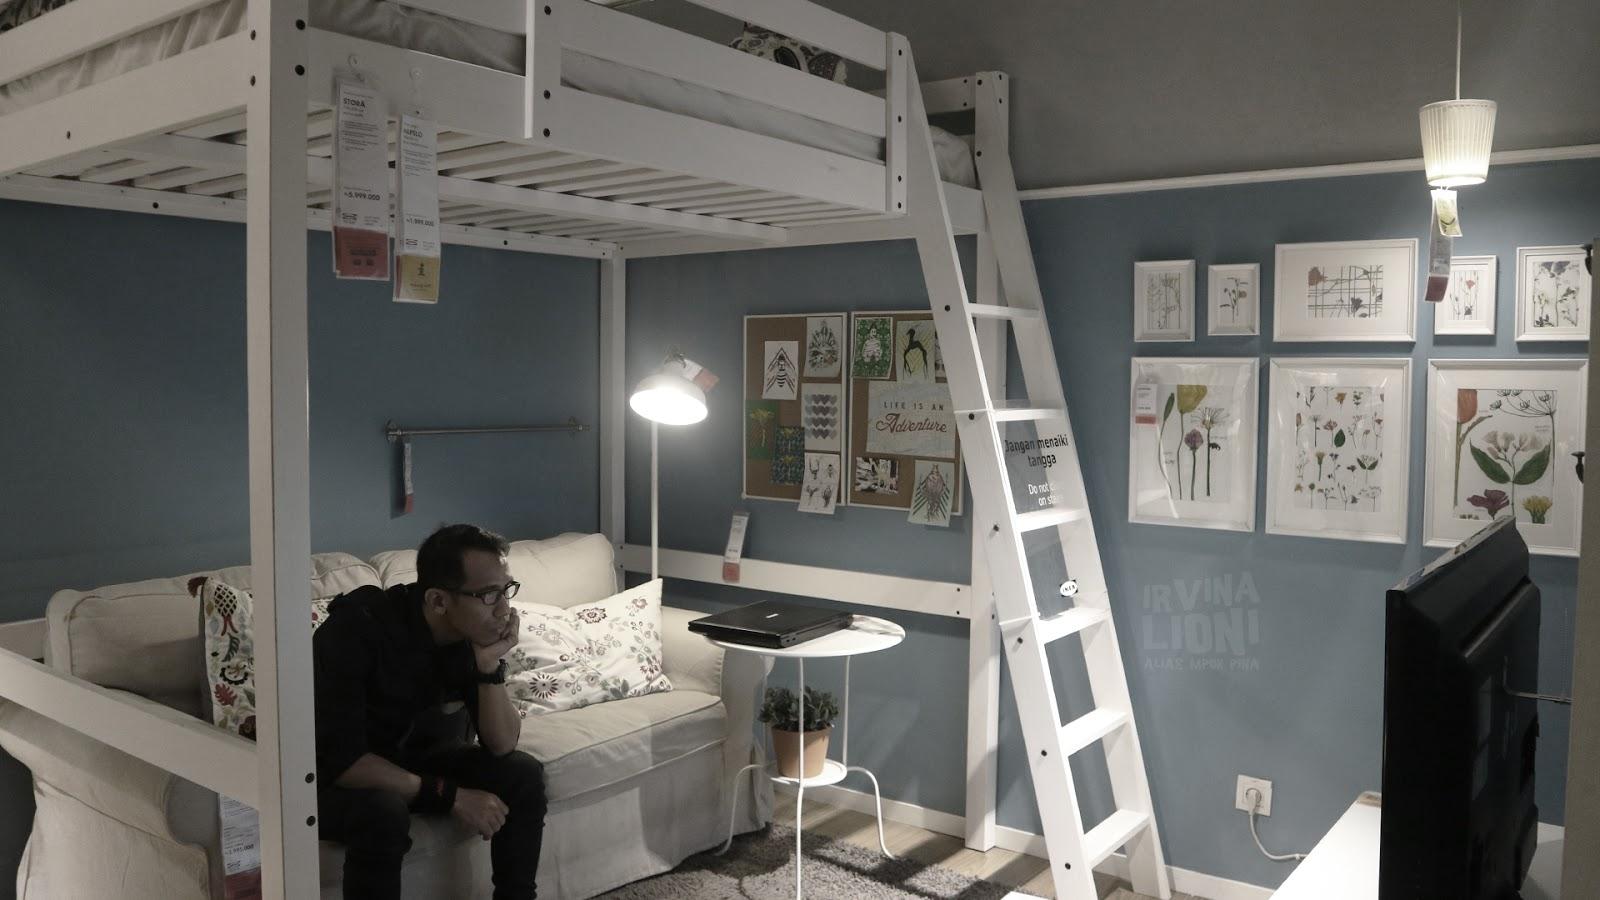 Inspirasi Interior Rumah Mungil Ala Ikea Ukuran 25 M2 Irvina Lioni Blogger Betawi Biasa Disebut Mpok Pina